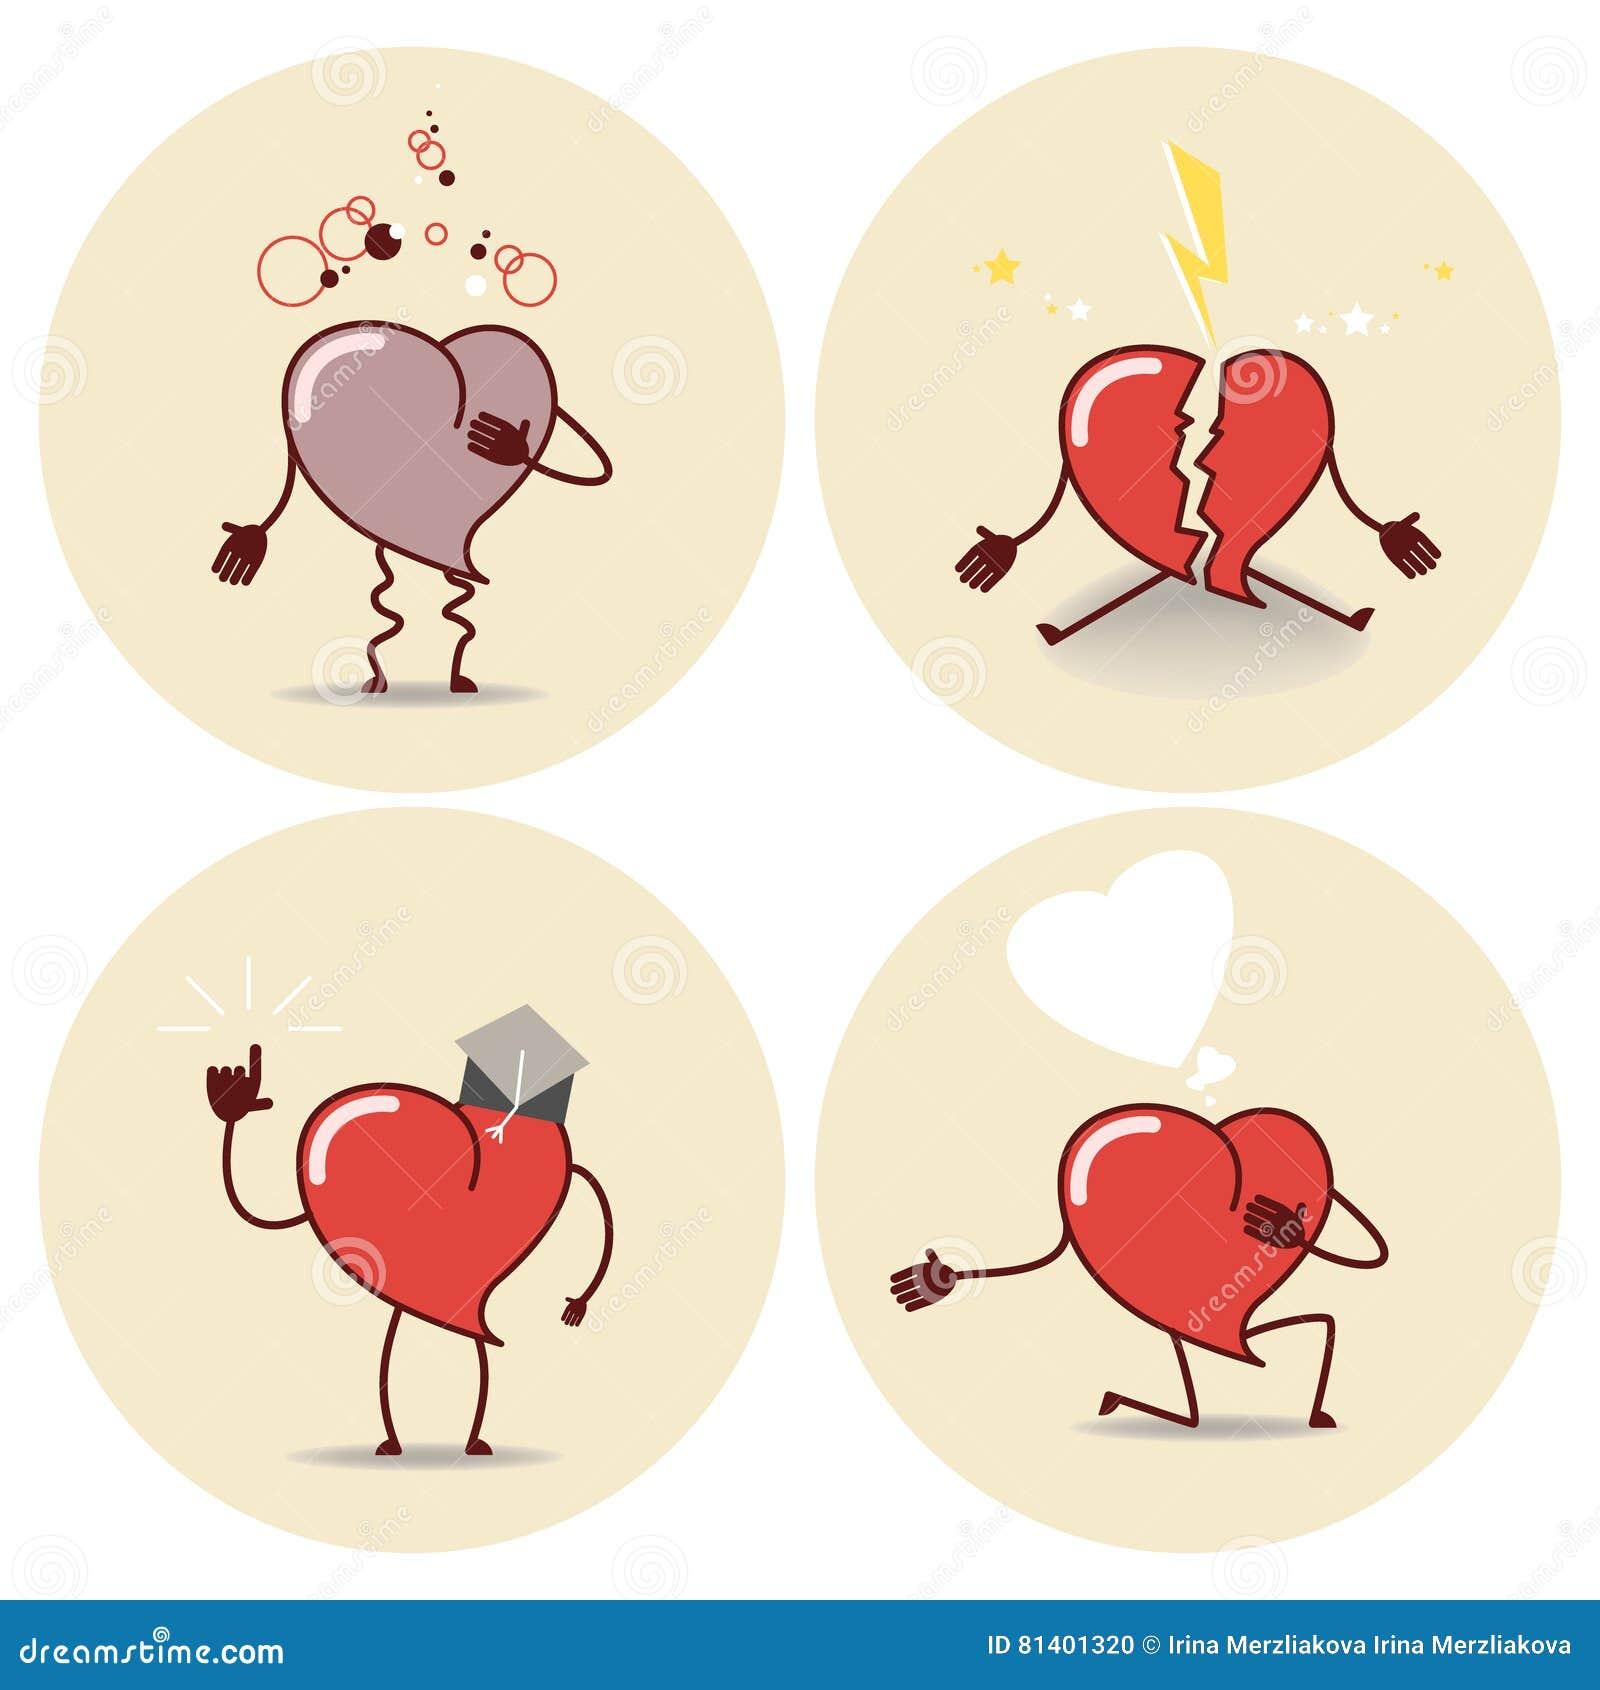 Icone Dos Desenhos Animados Do Coracao Cardiaco De Ataque Uma